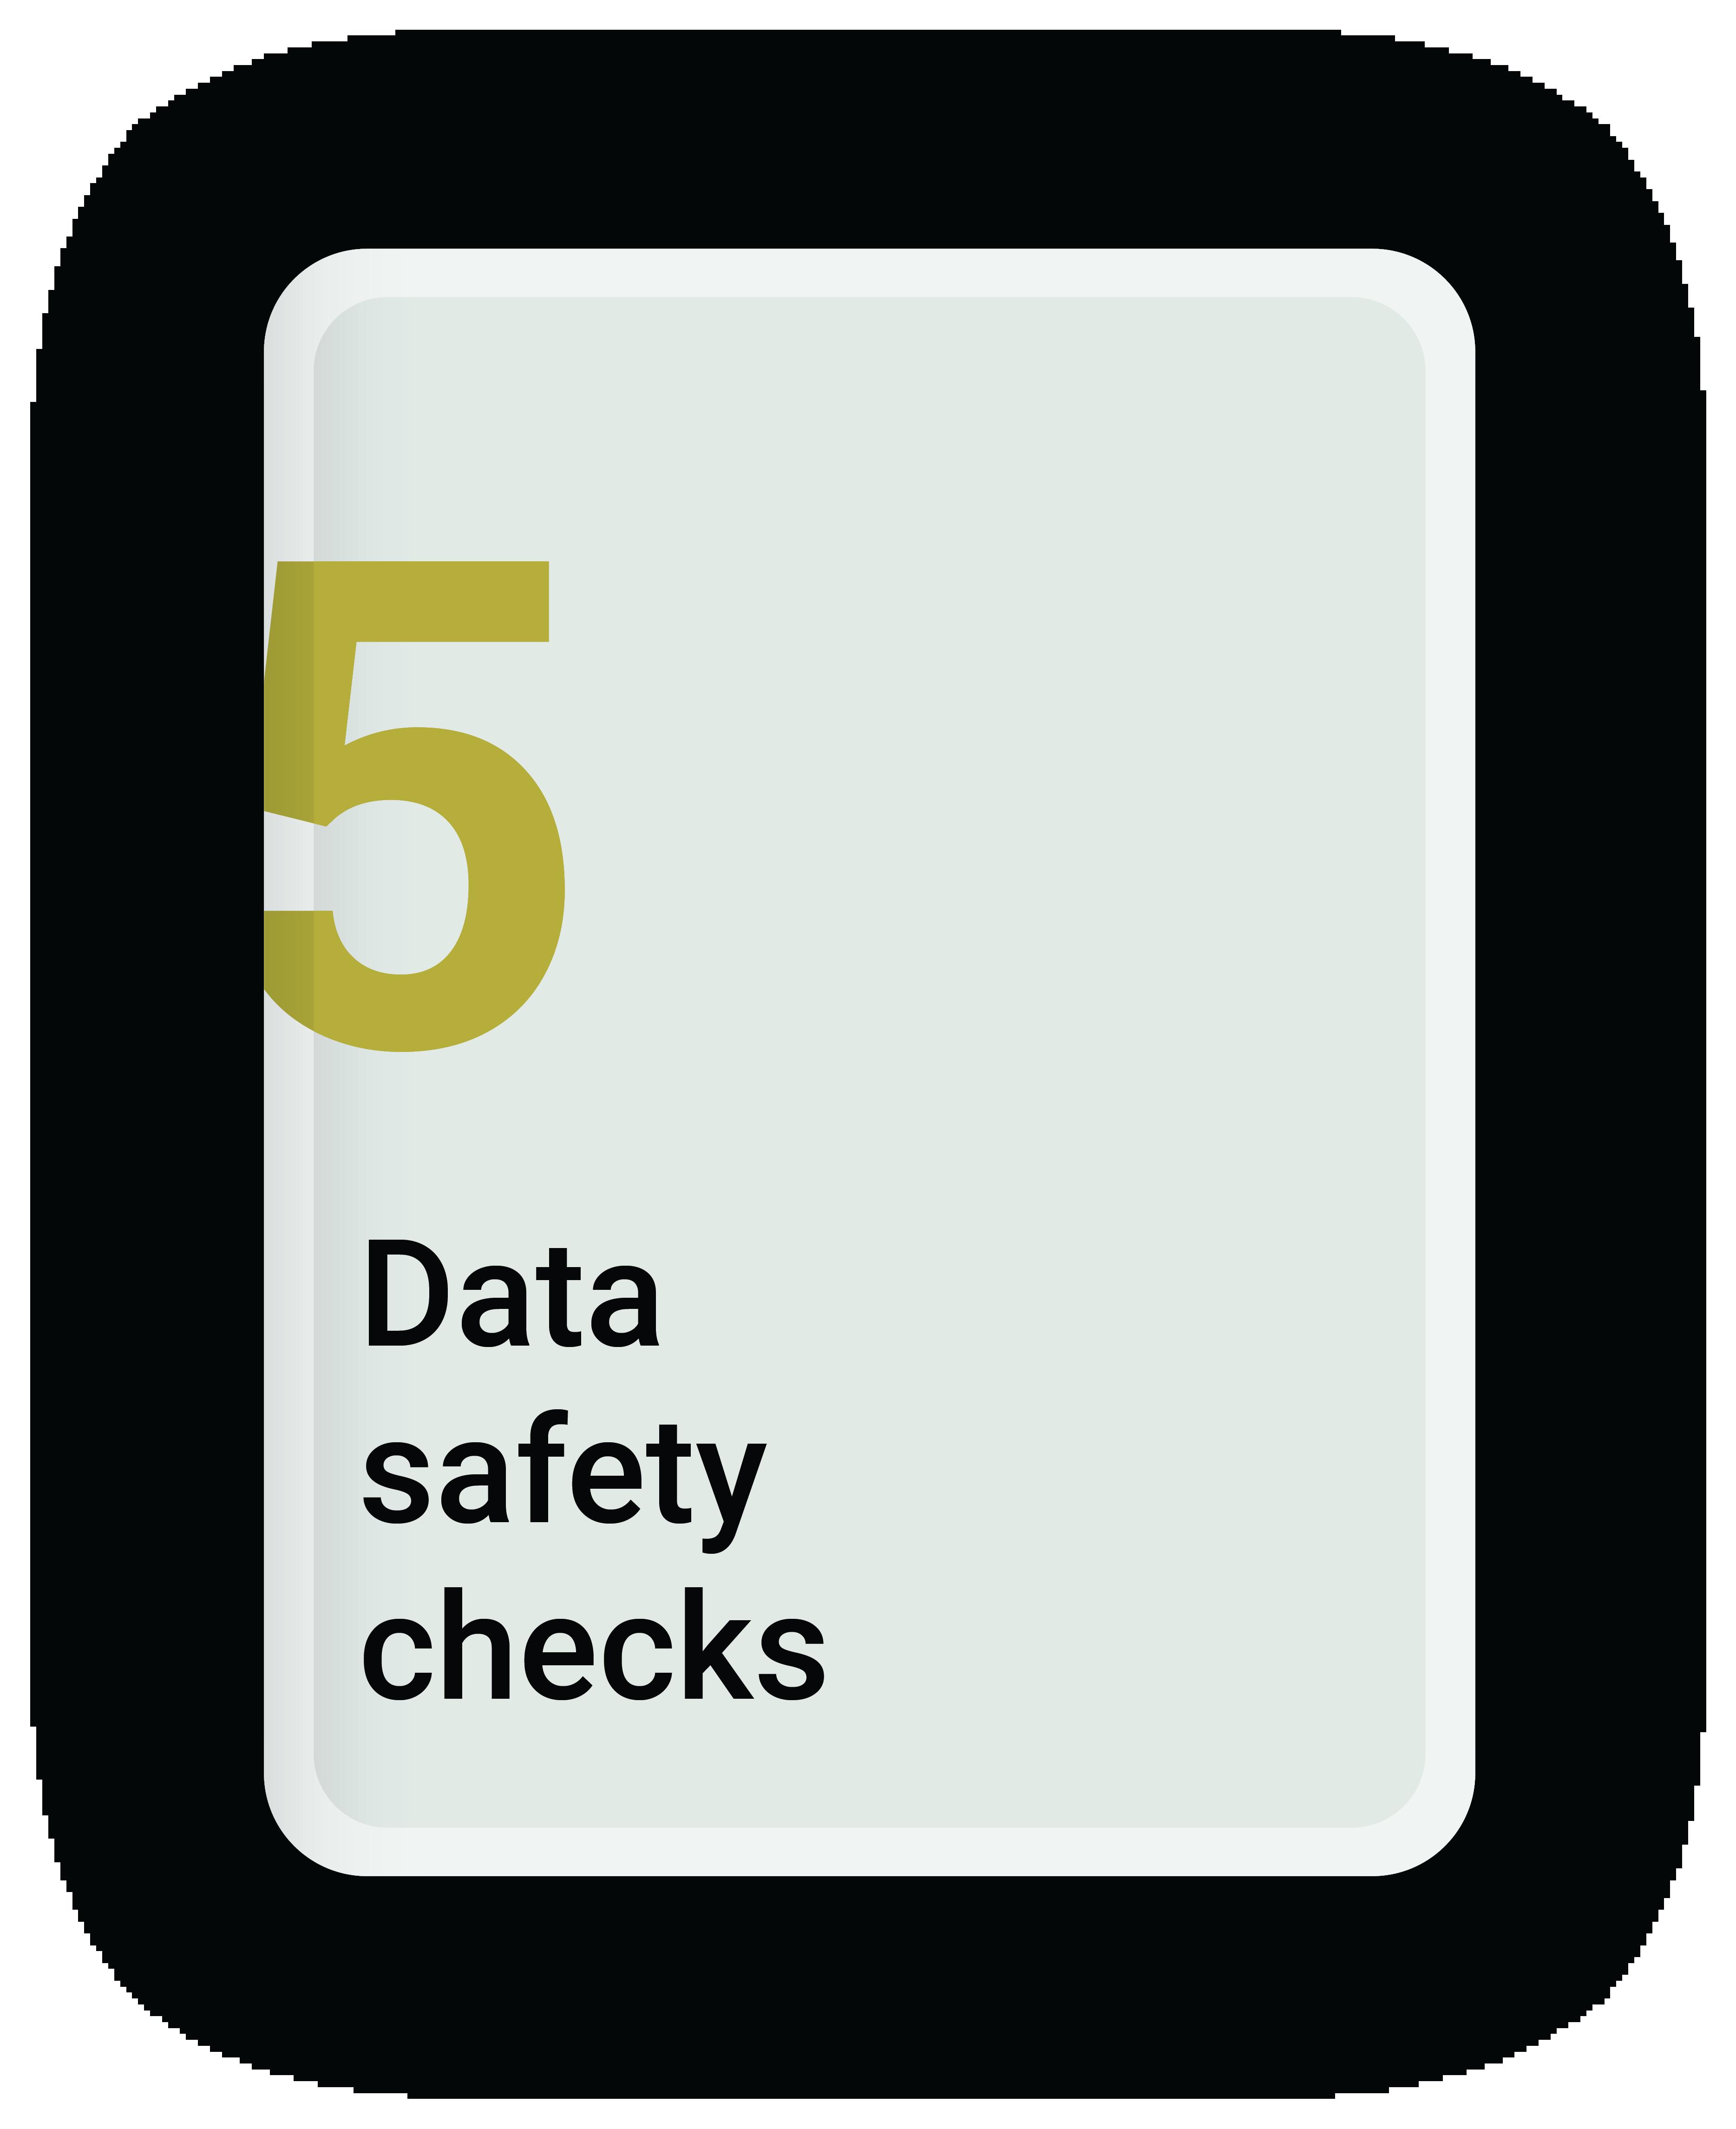 Data Safety Checks